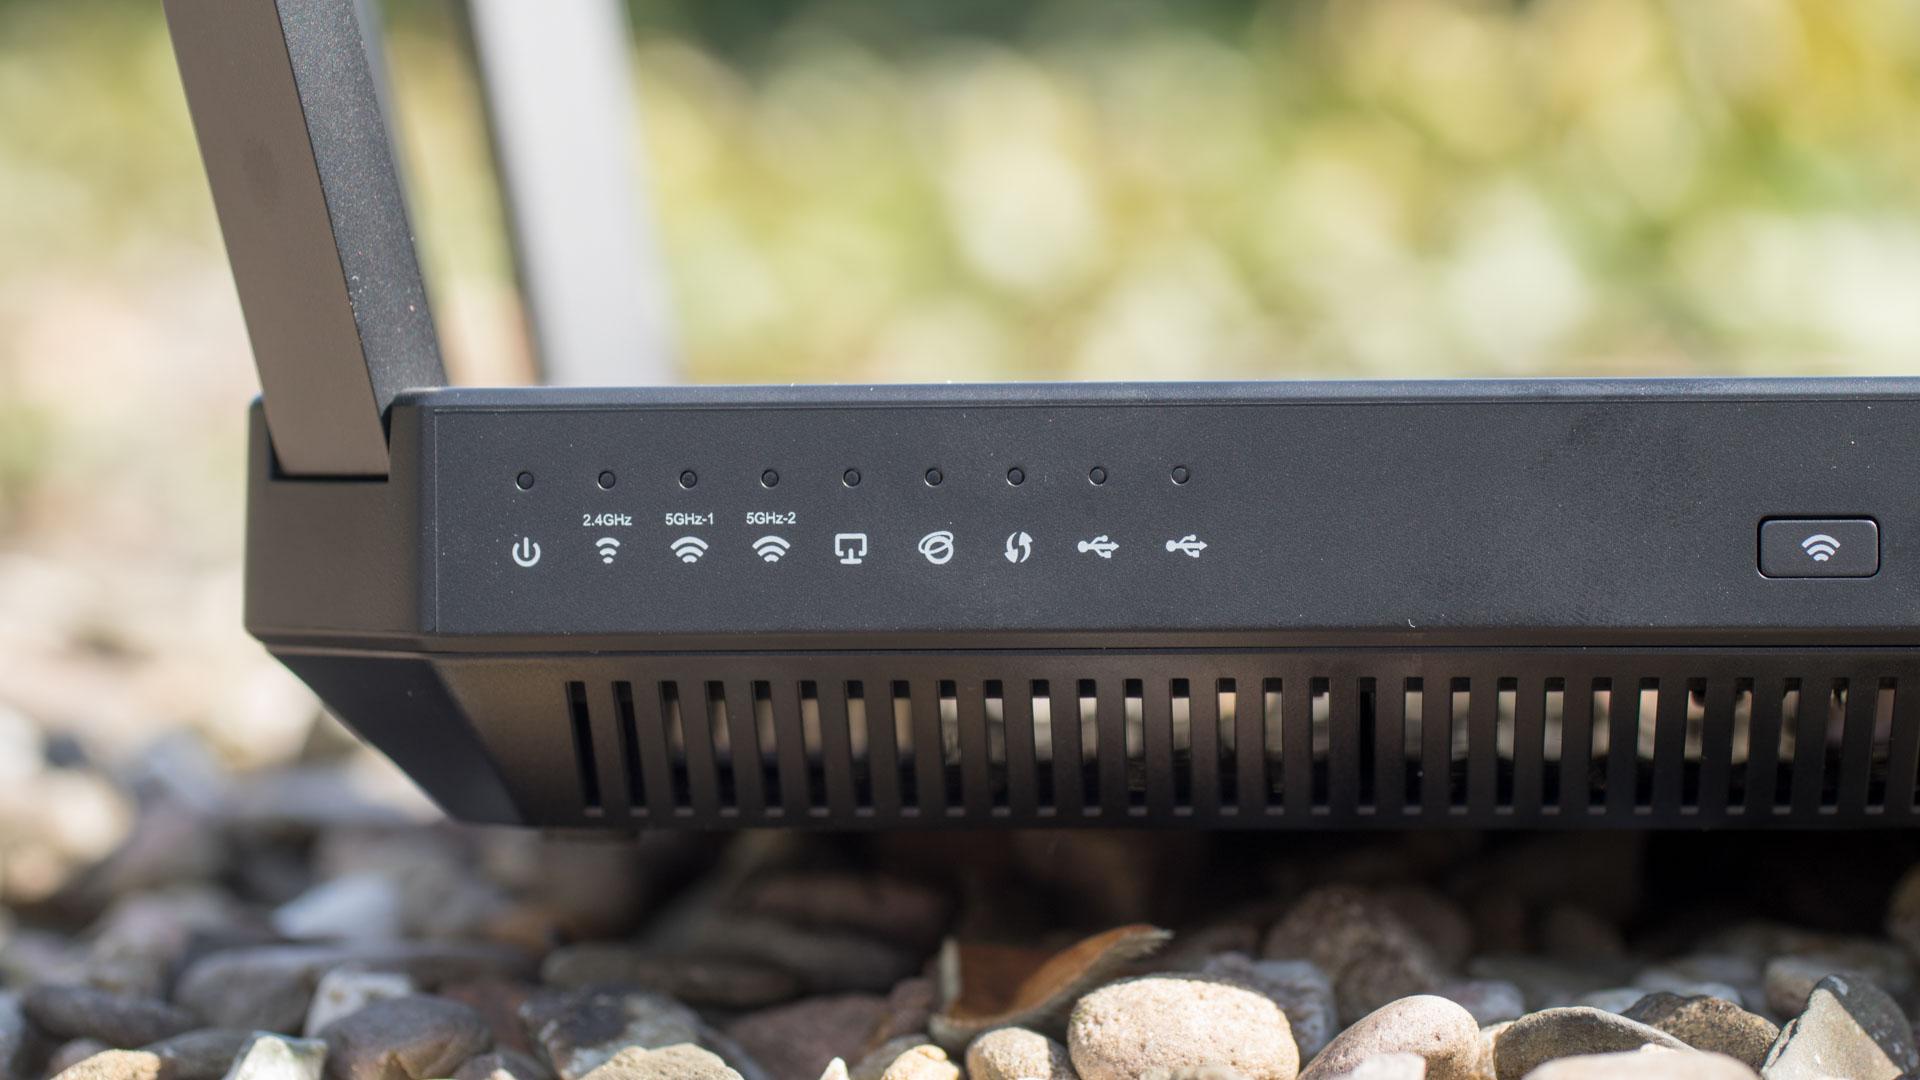 TP-LINKs neuster und bester WLAN Router, der TP-LINK Archer C3200 ...